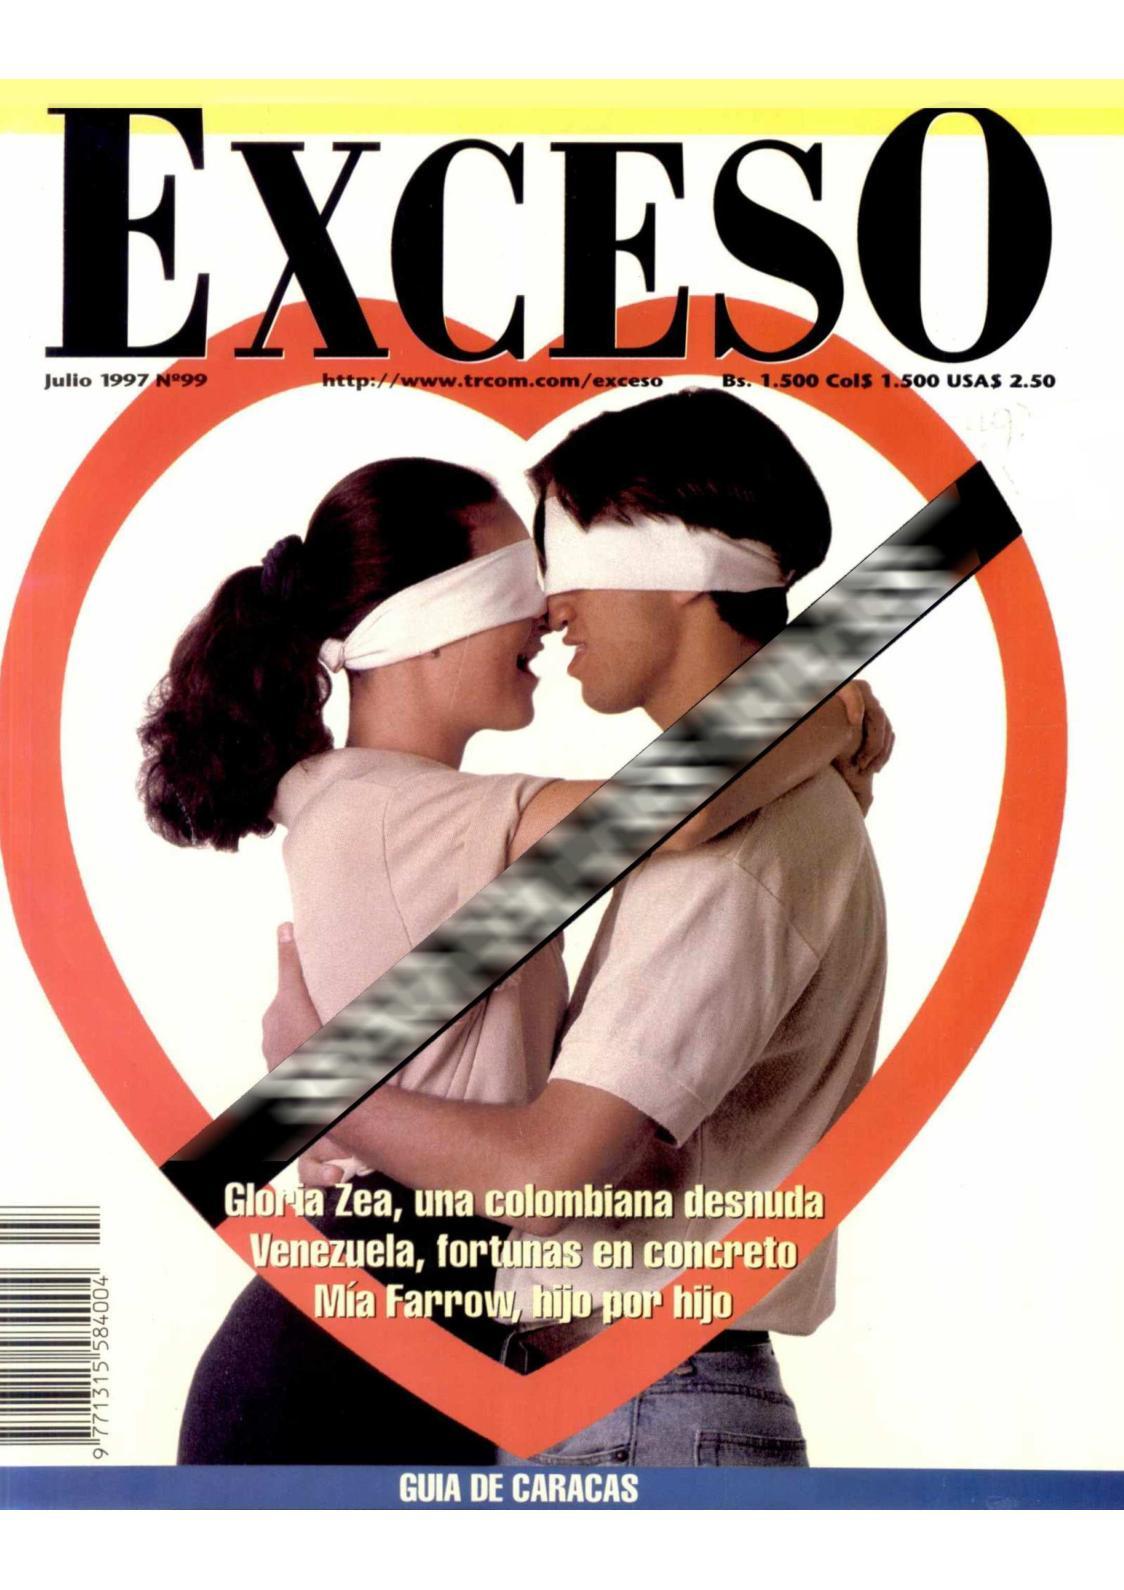 Actriz Porno Traumatizada Xxx calaméo - revista exceso ediciÓn nº 99 julio 1997